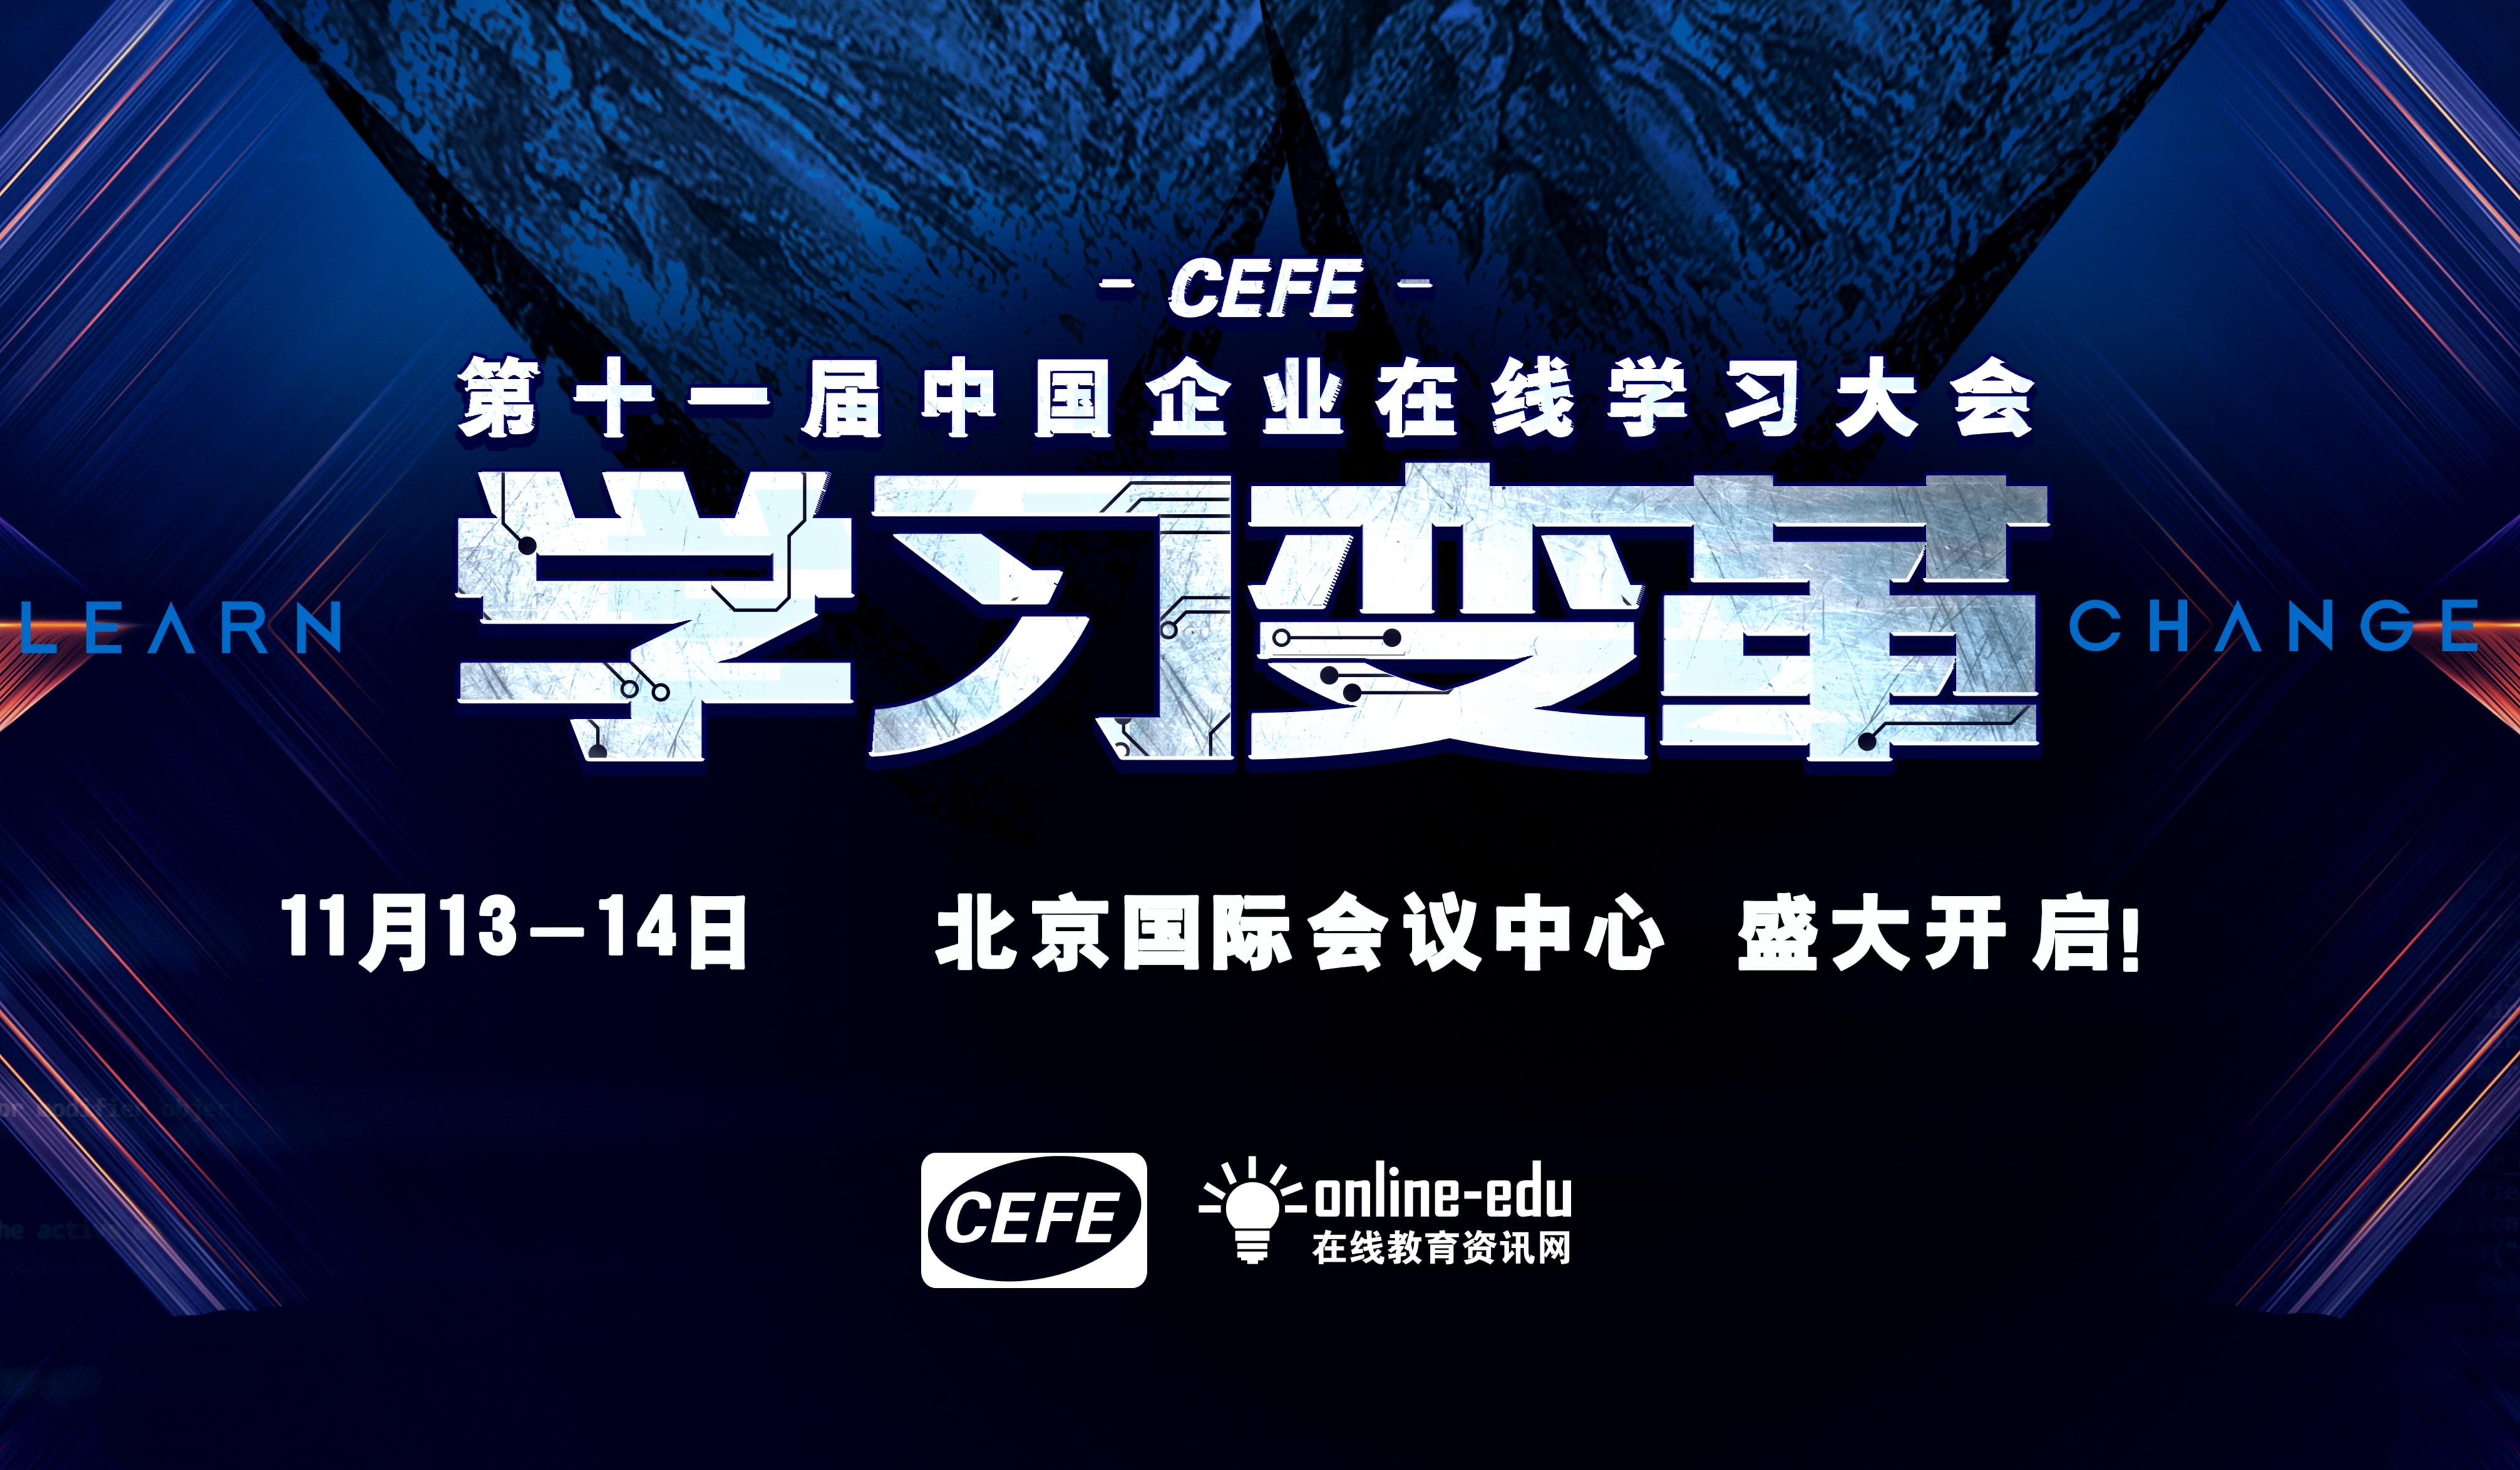 第十一届中国企业在线学习大会